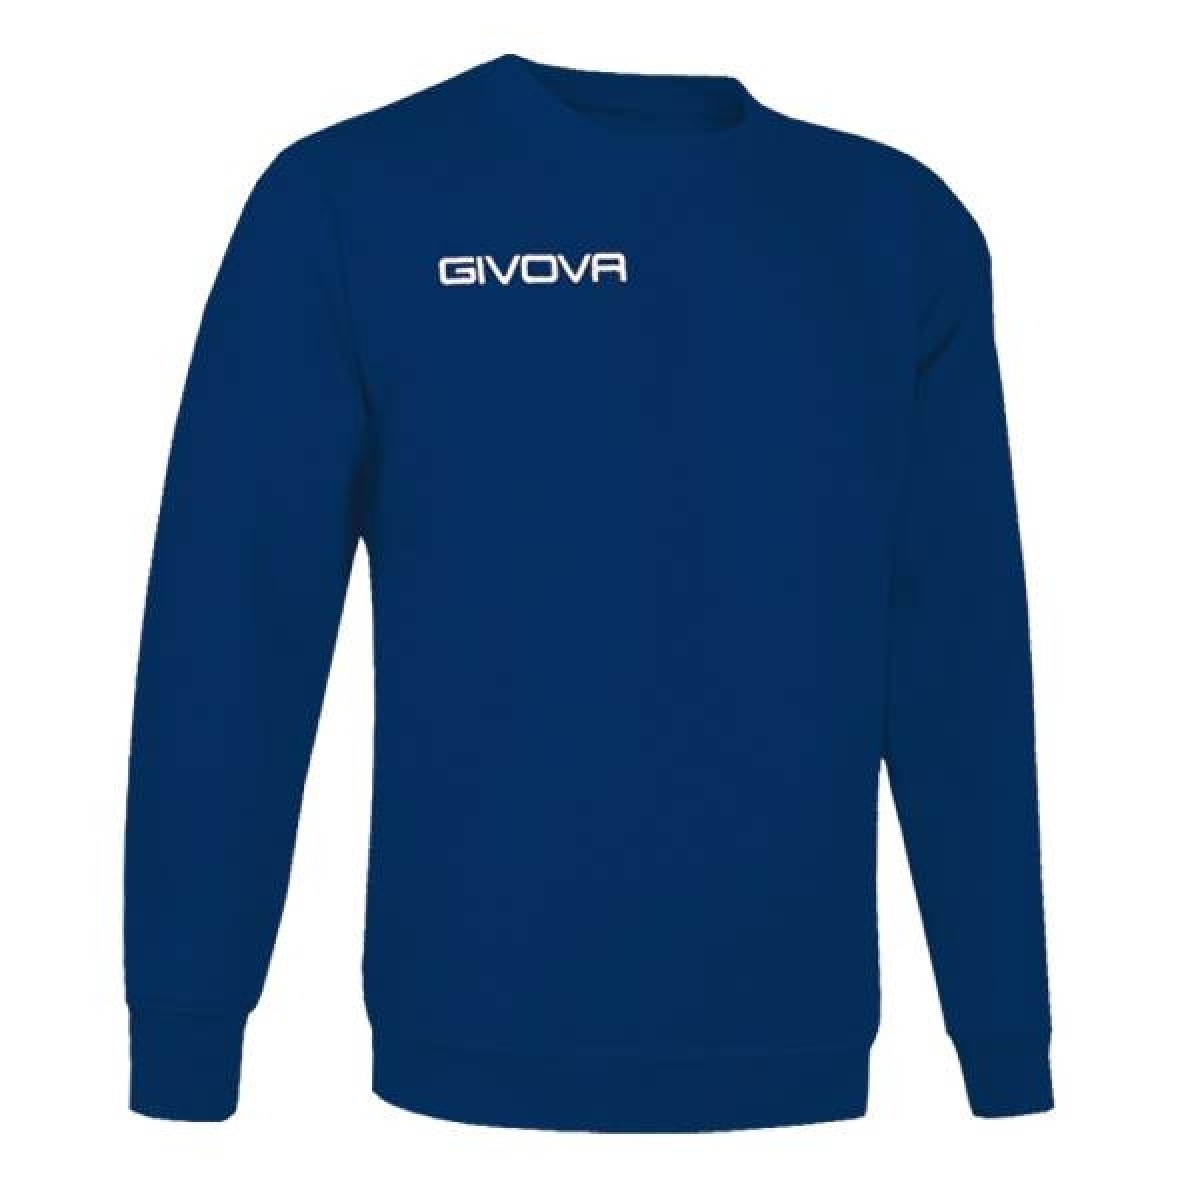 Givova One sweatshirt moerkeblaa